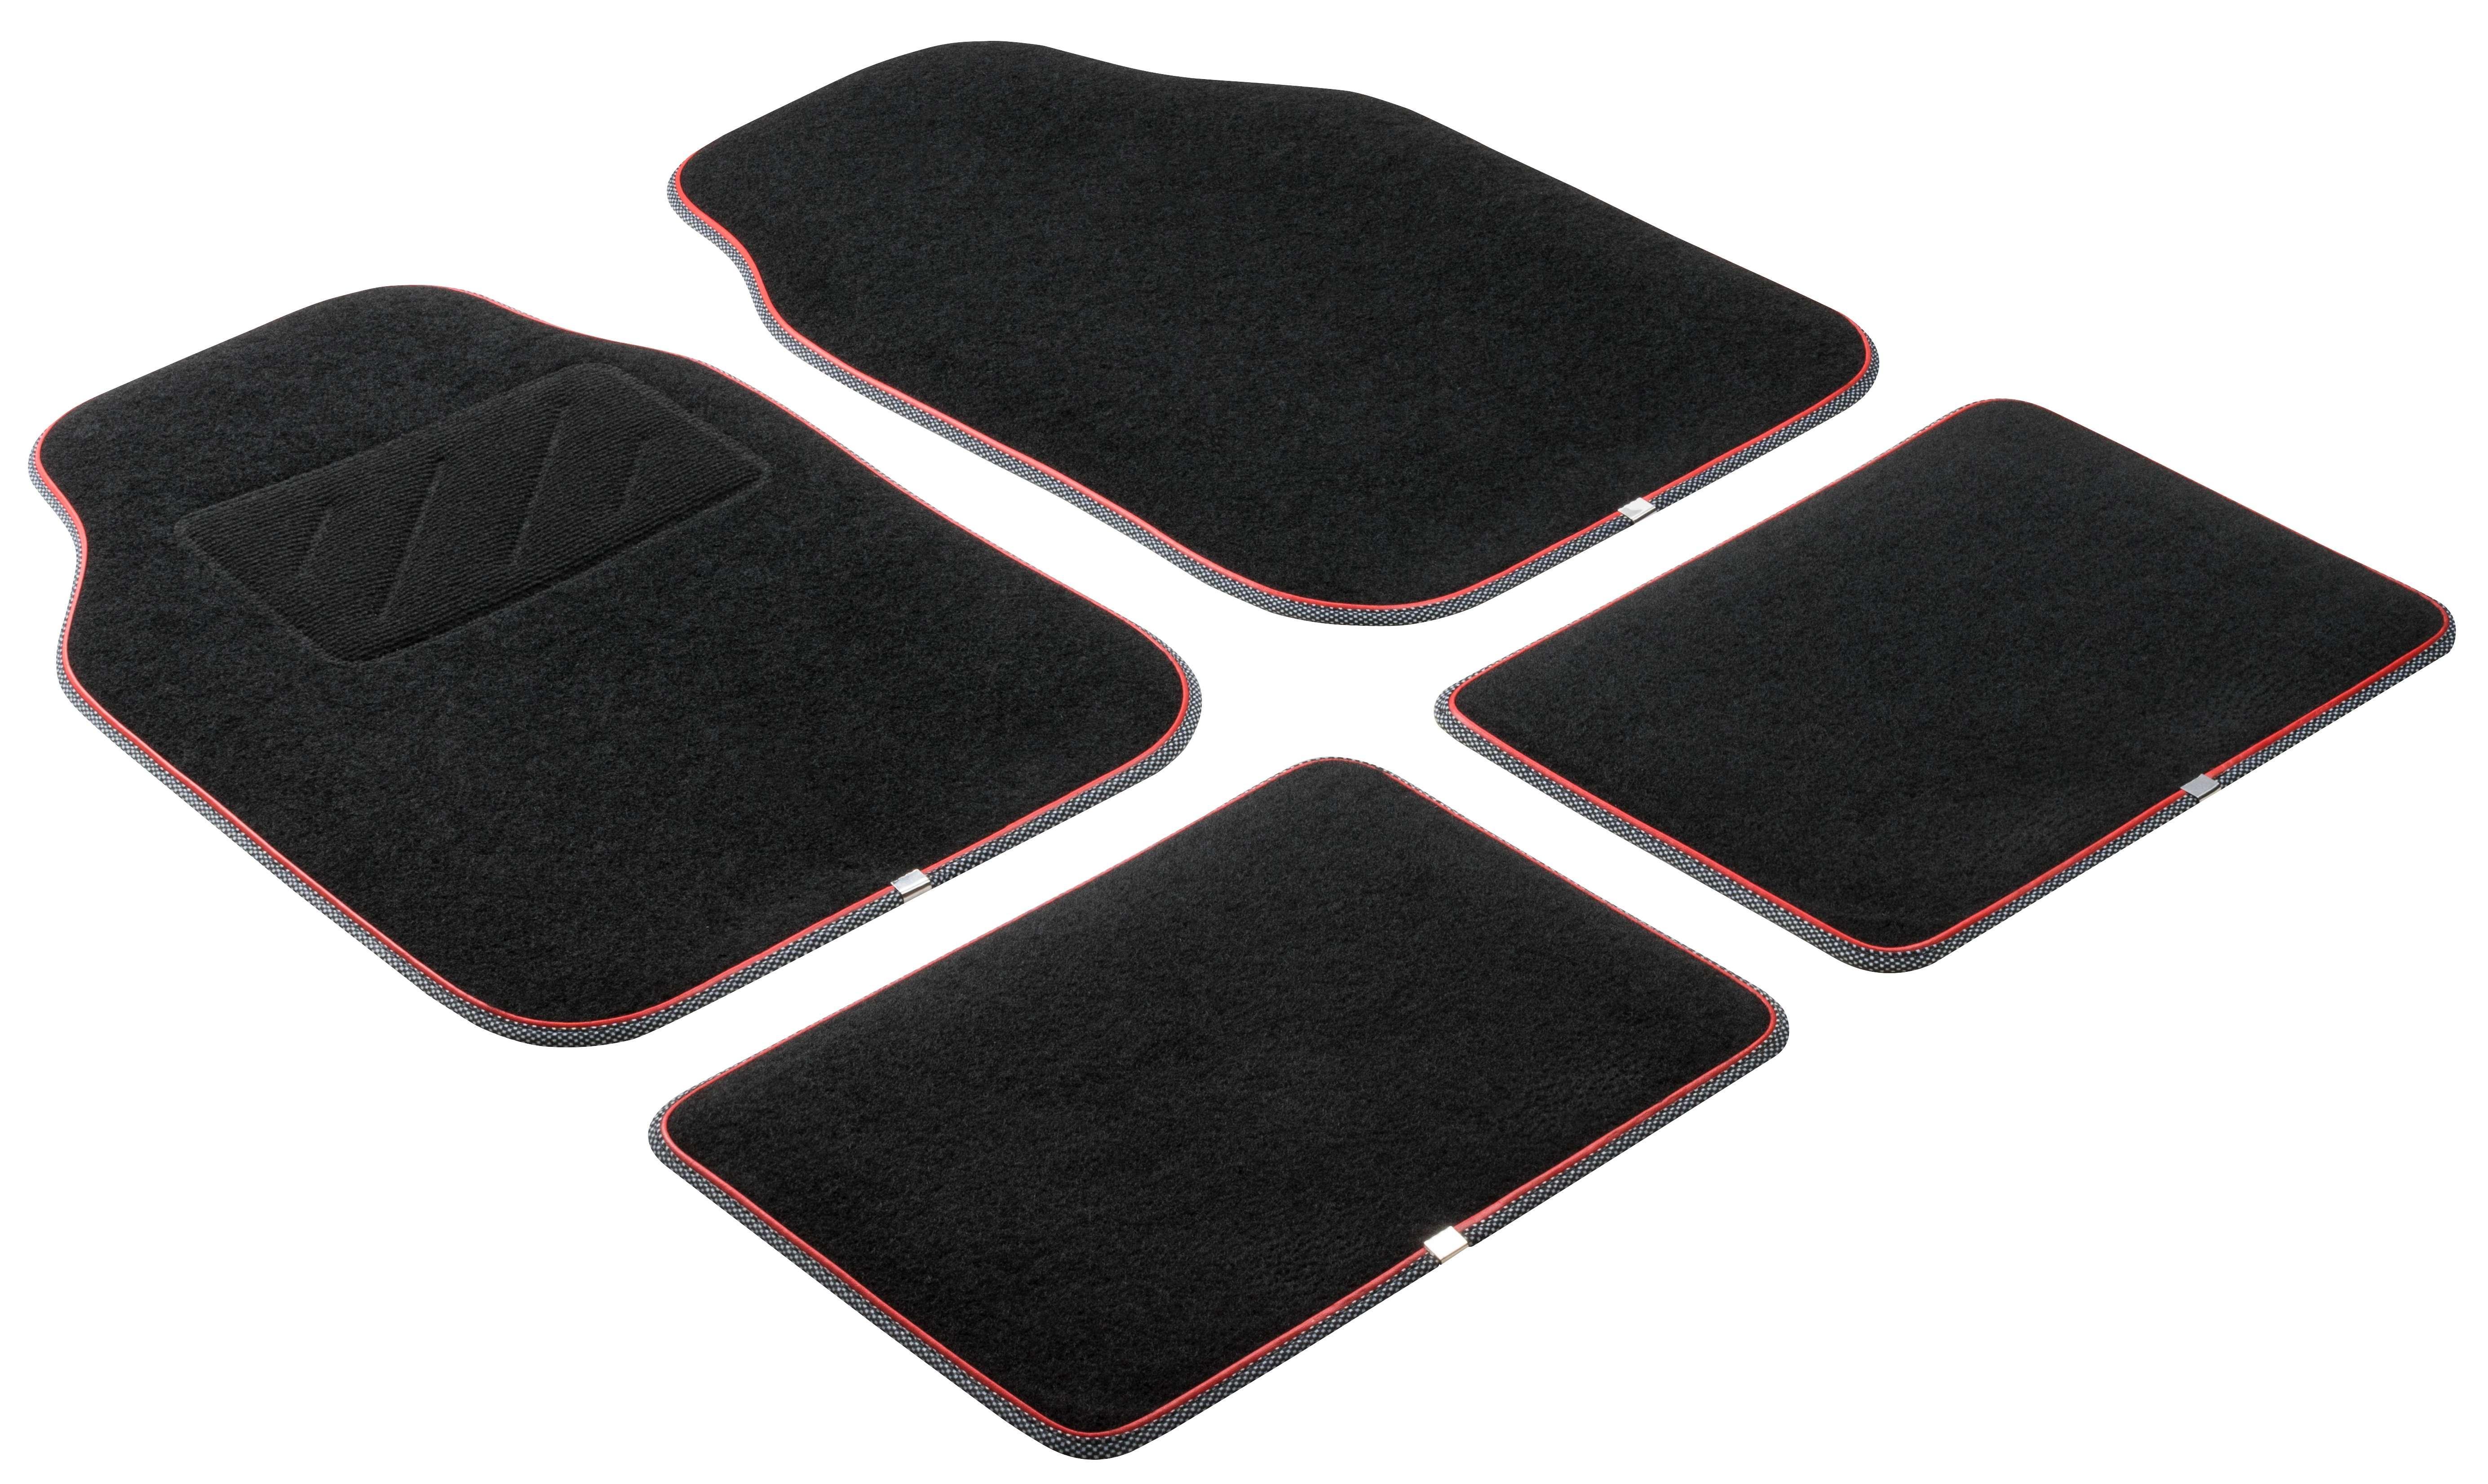 Autofußmatten 29007 WALSER 29007 in Original Qualität